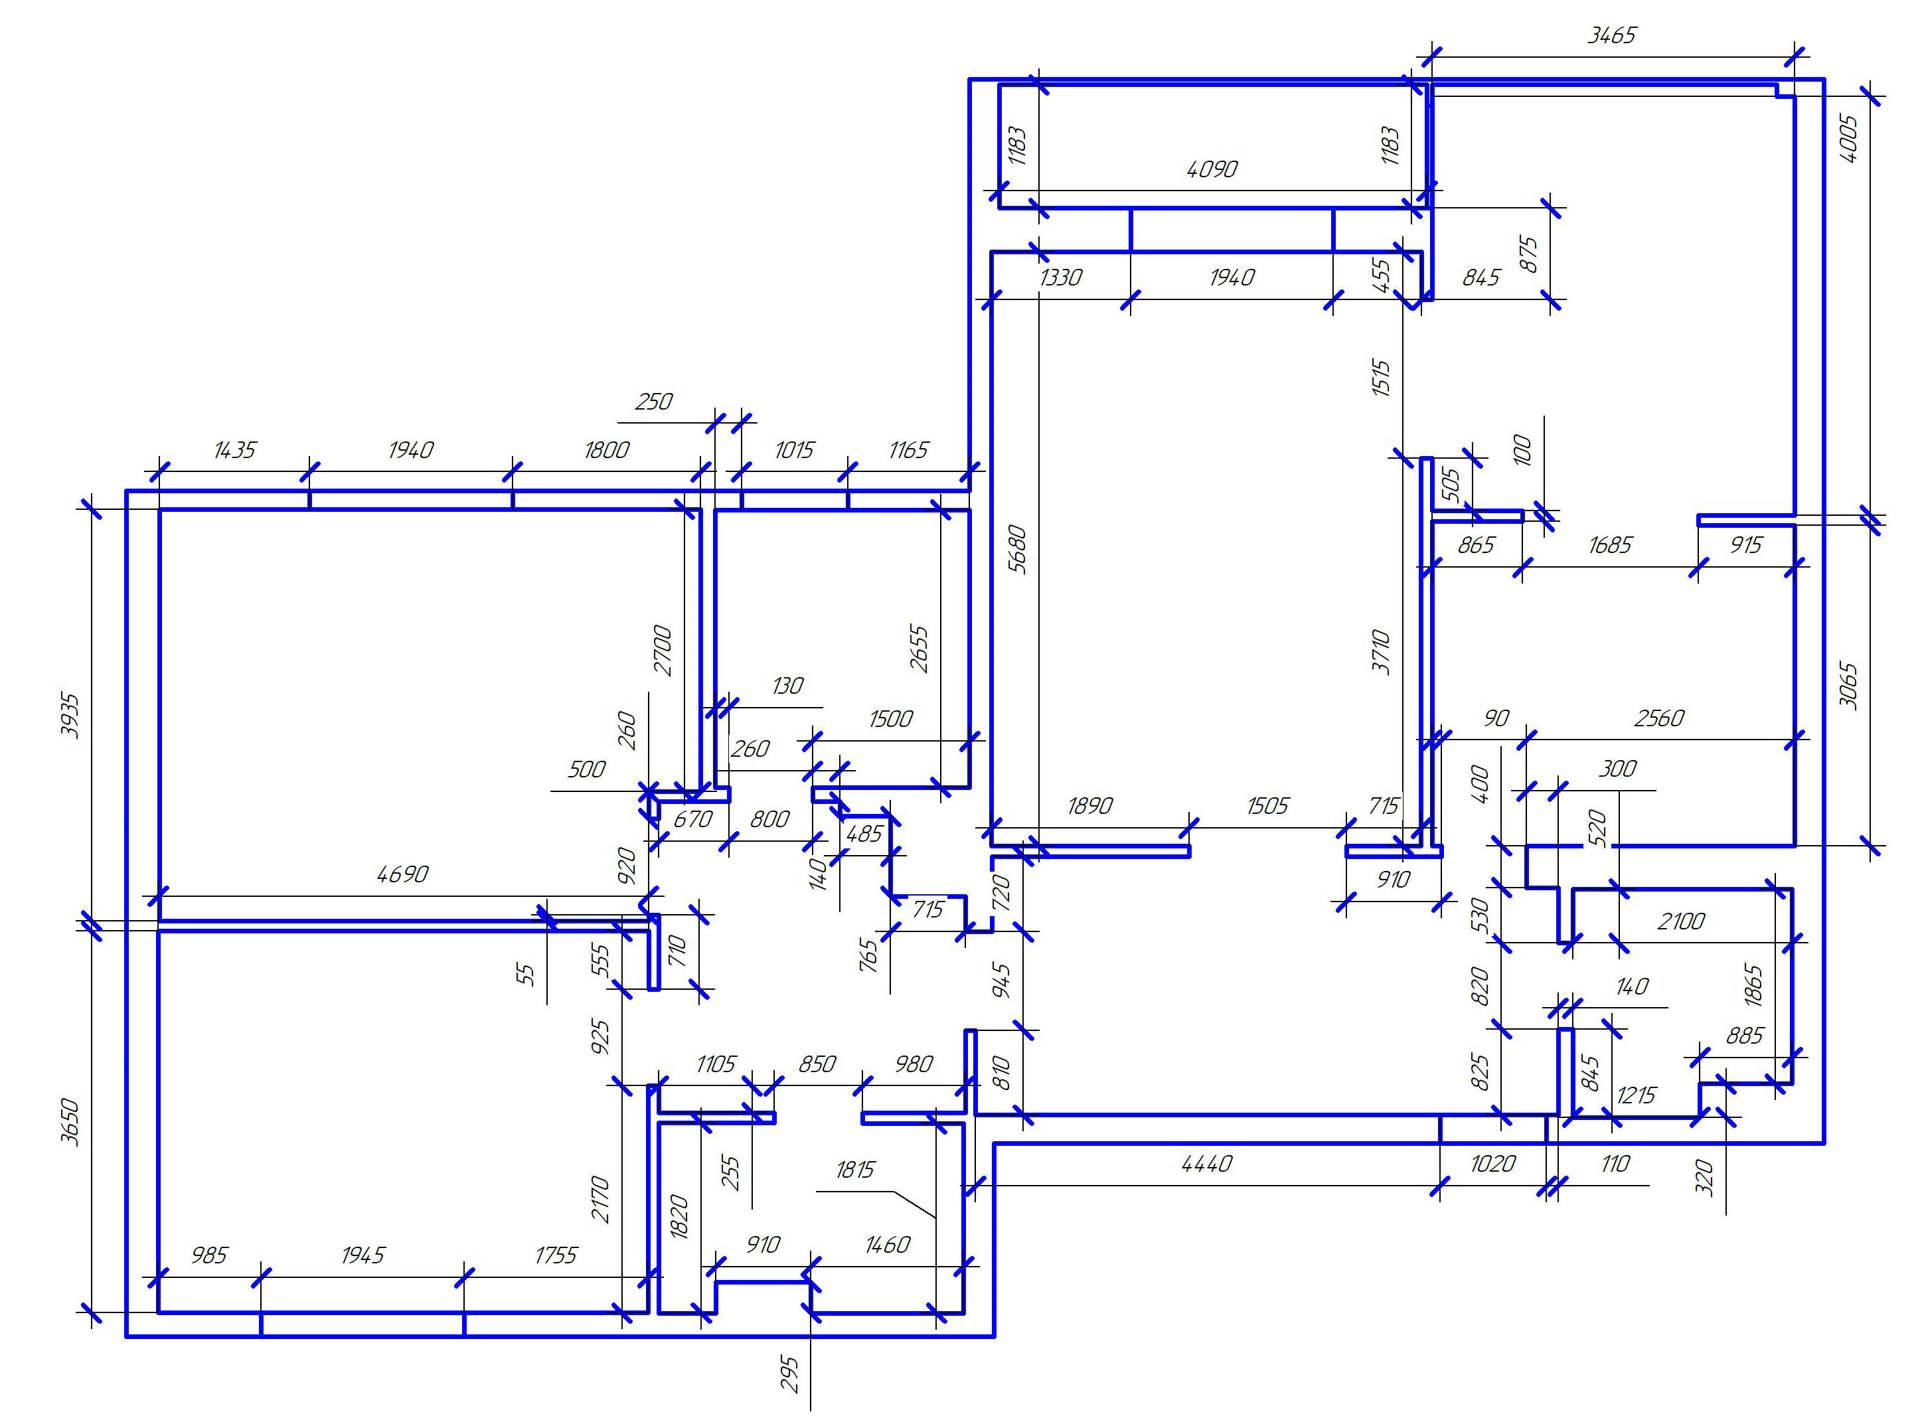 дизайн интерьера квартиры Киев ЖК Челси Тауер обмерный план, план квартиры